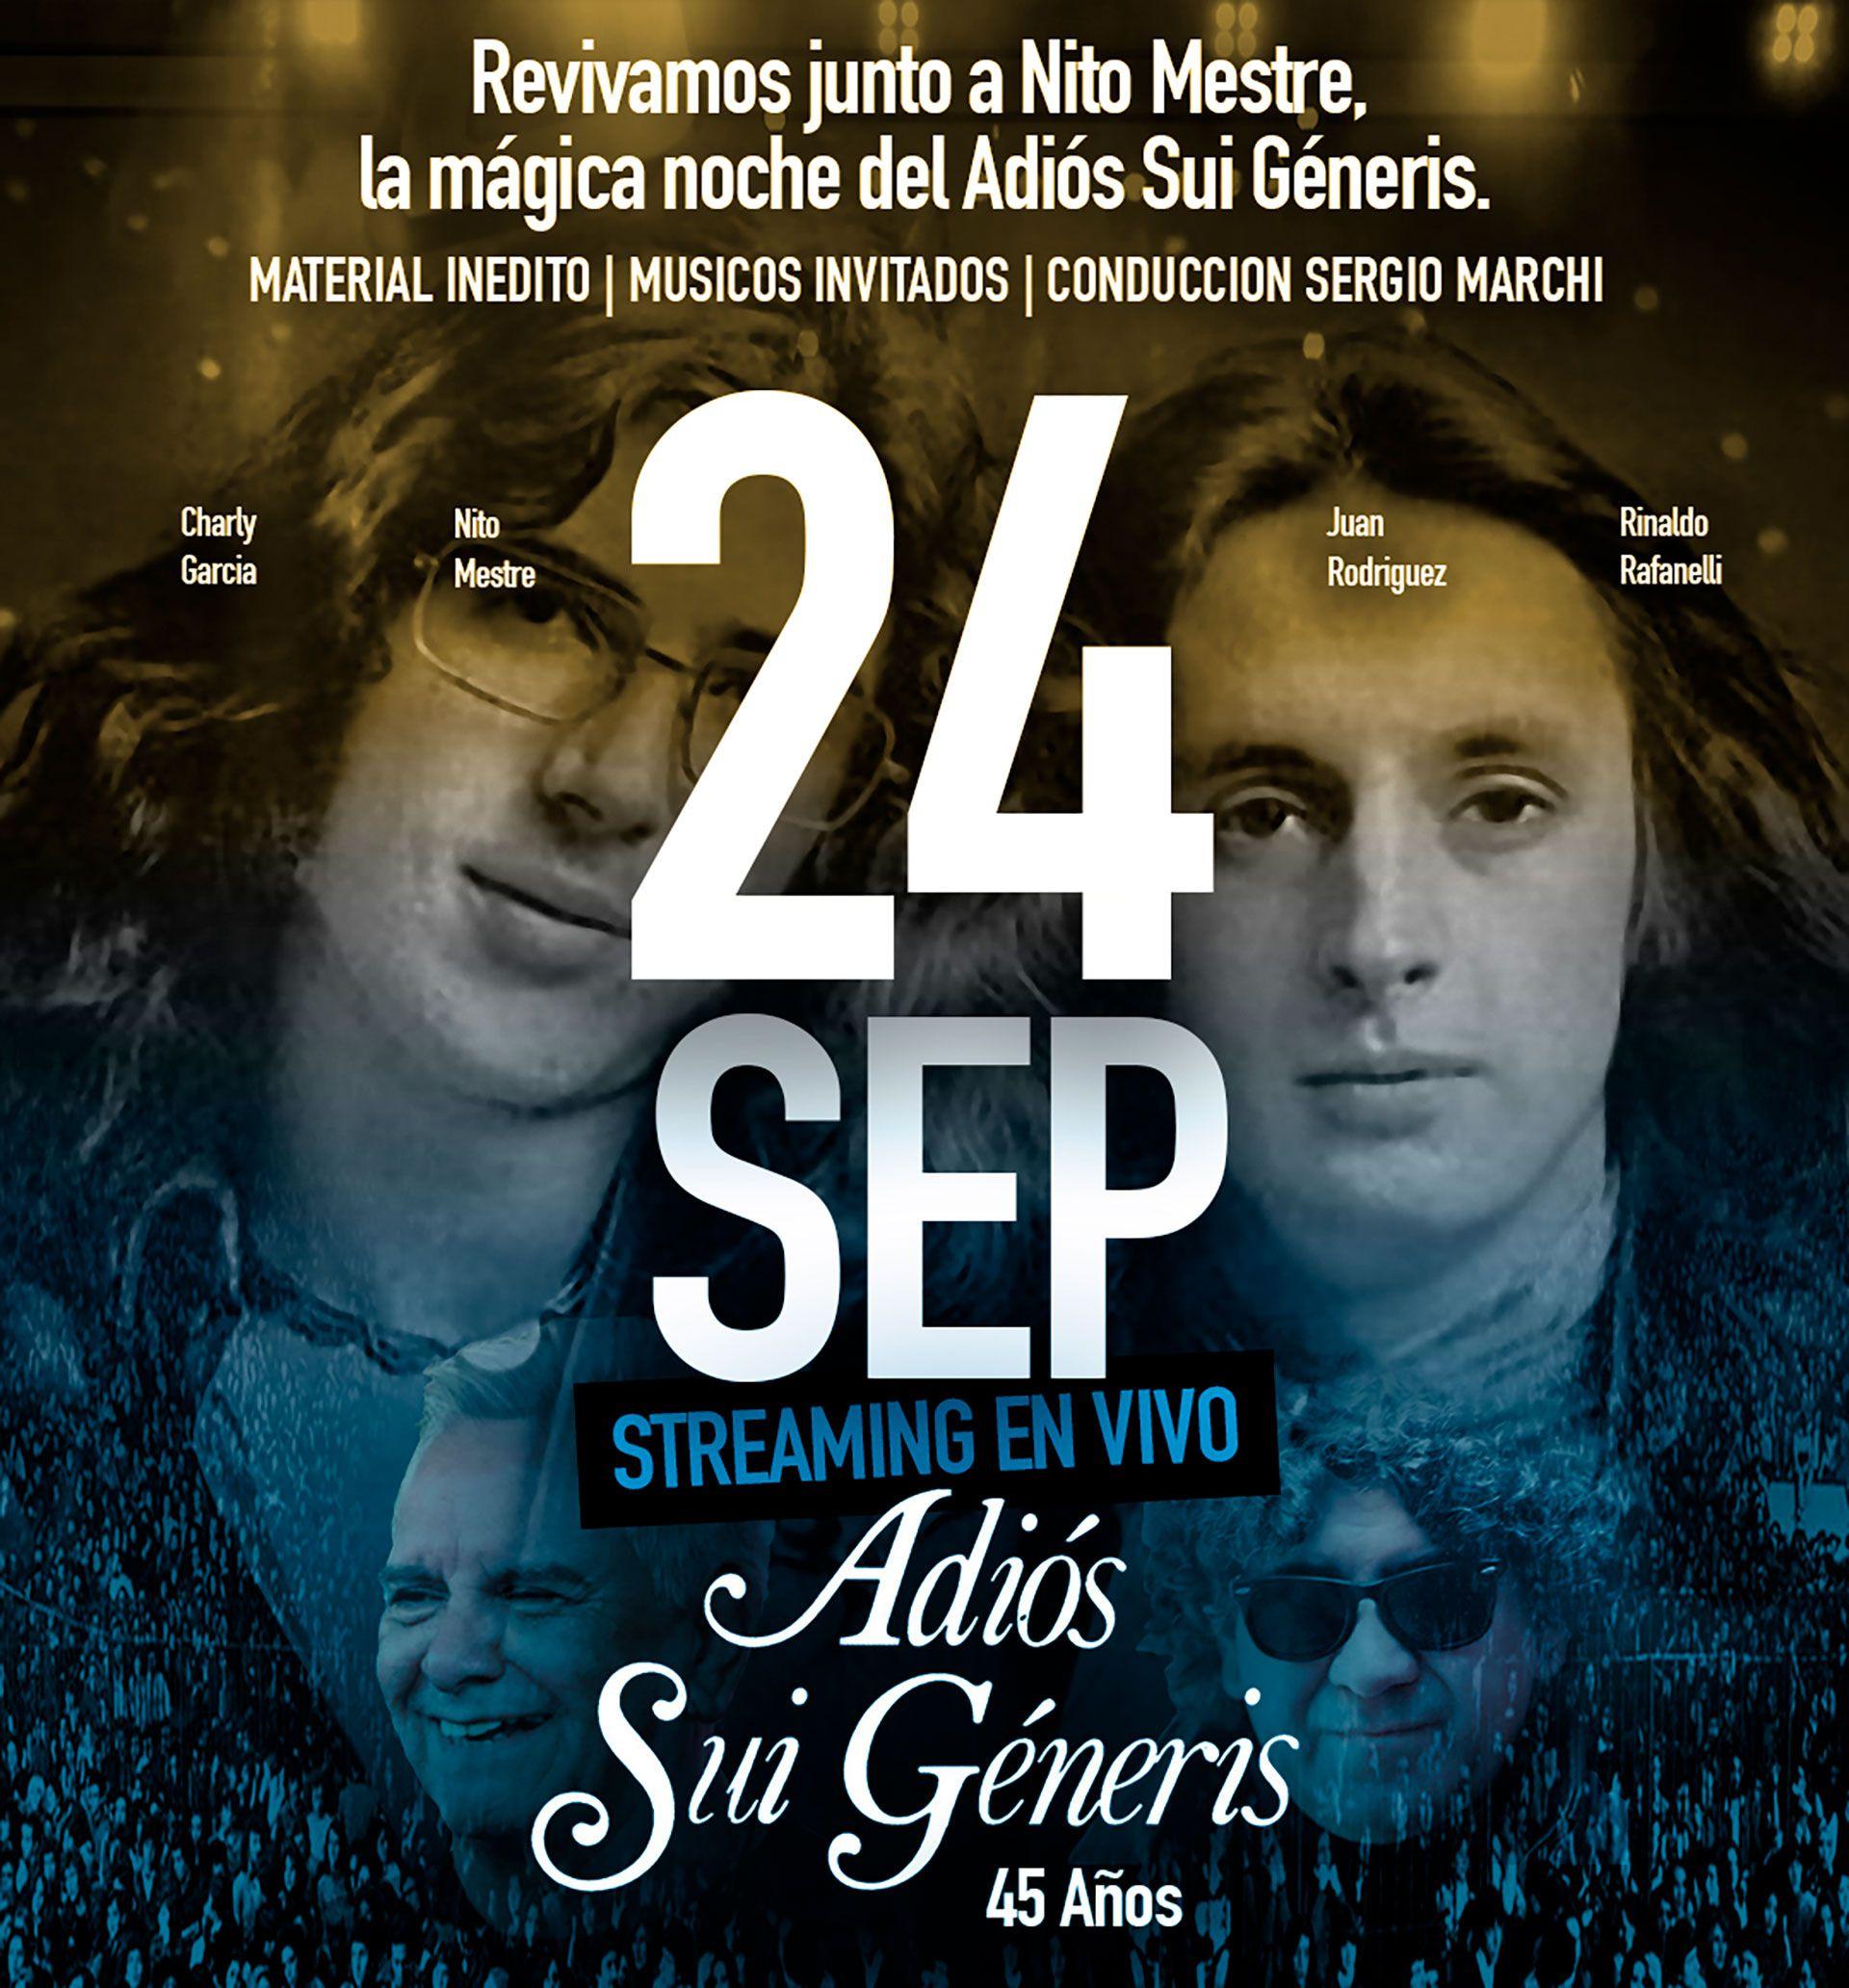 Afiche-streaming-aniversario-Adios-Sui-Generis